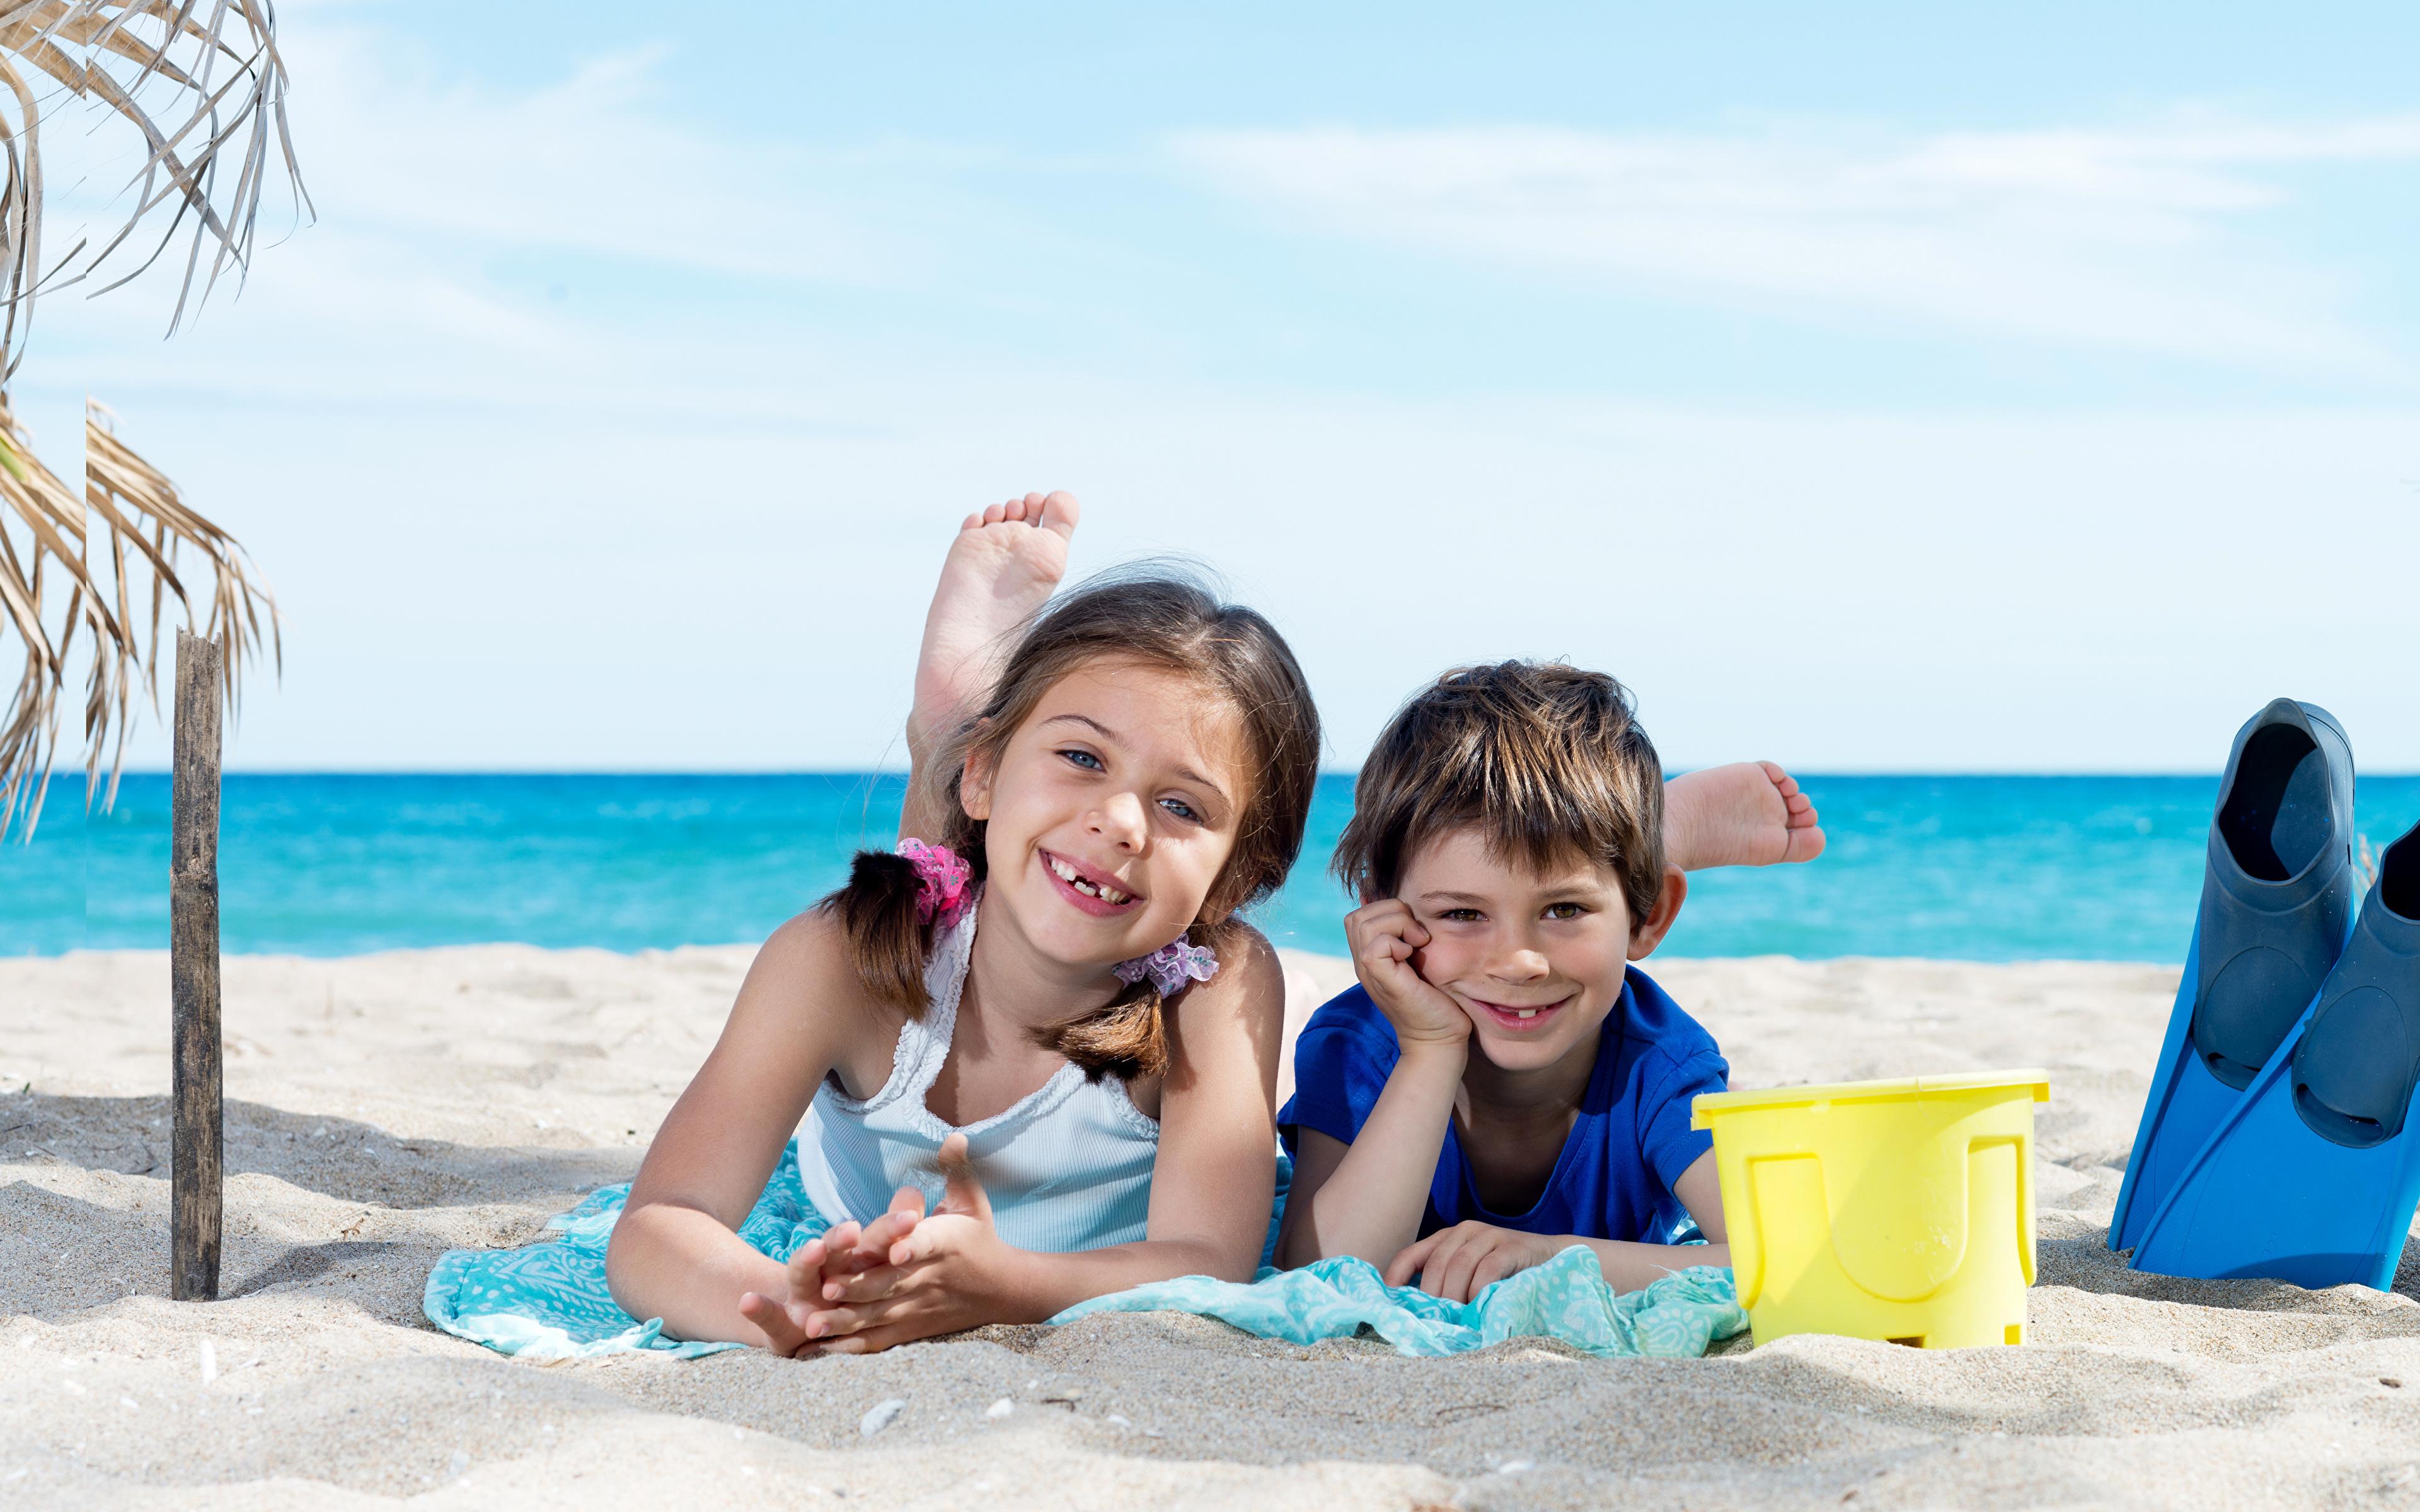 1ce8961ea1 Fotos von Kleine Mädchen Junge Lächeln Kinder Strand Zwei Küste 3840x2400  jungen Strände 2